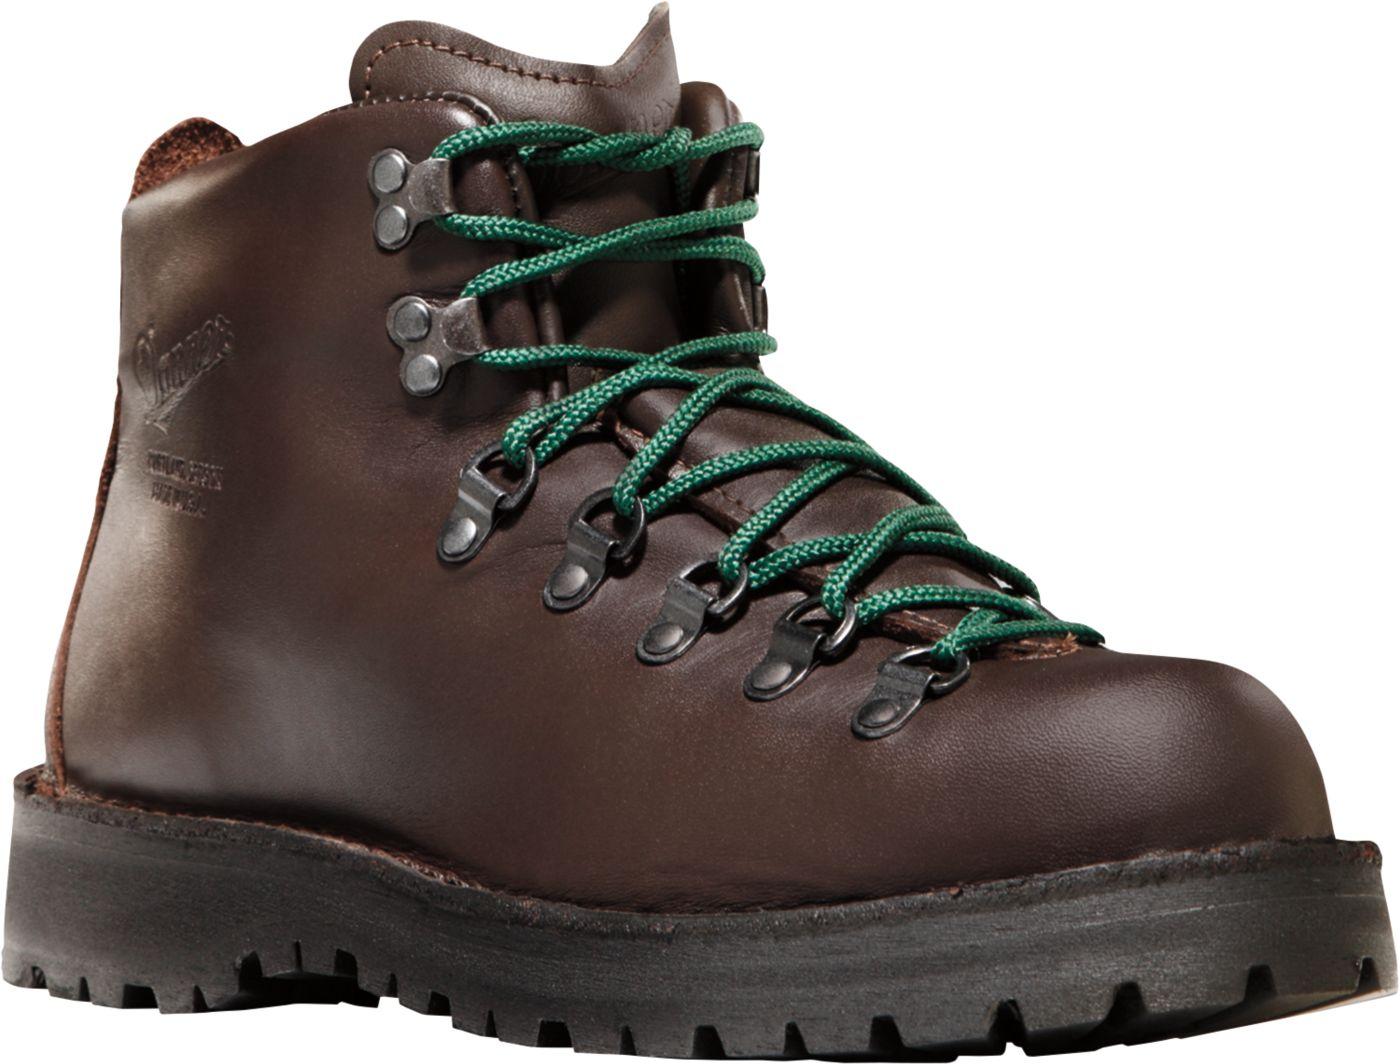 Danner Men's Mountain Light II 5'' Waterproof Hiking Boots